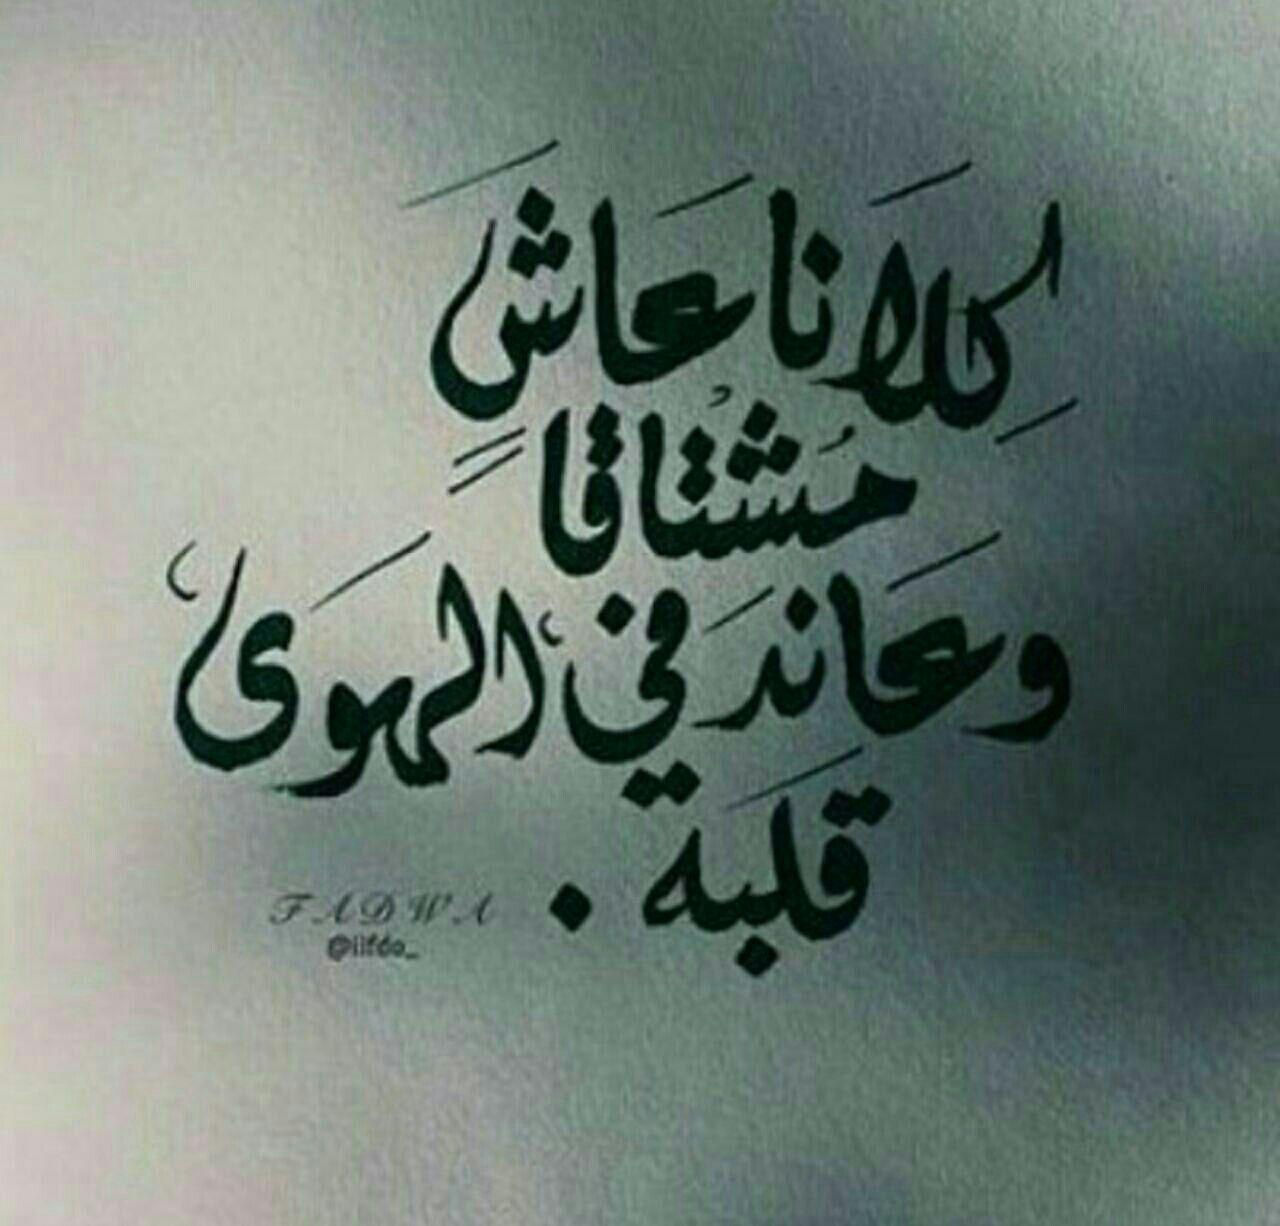 صوره كلام حزين عن الحب , كلمات مؤثره و حزينه للغايه عن الحب